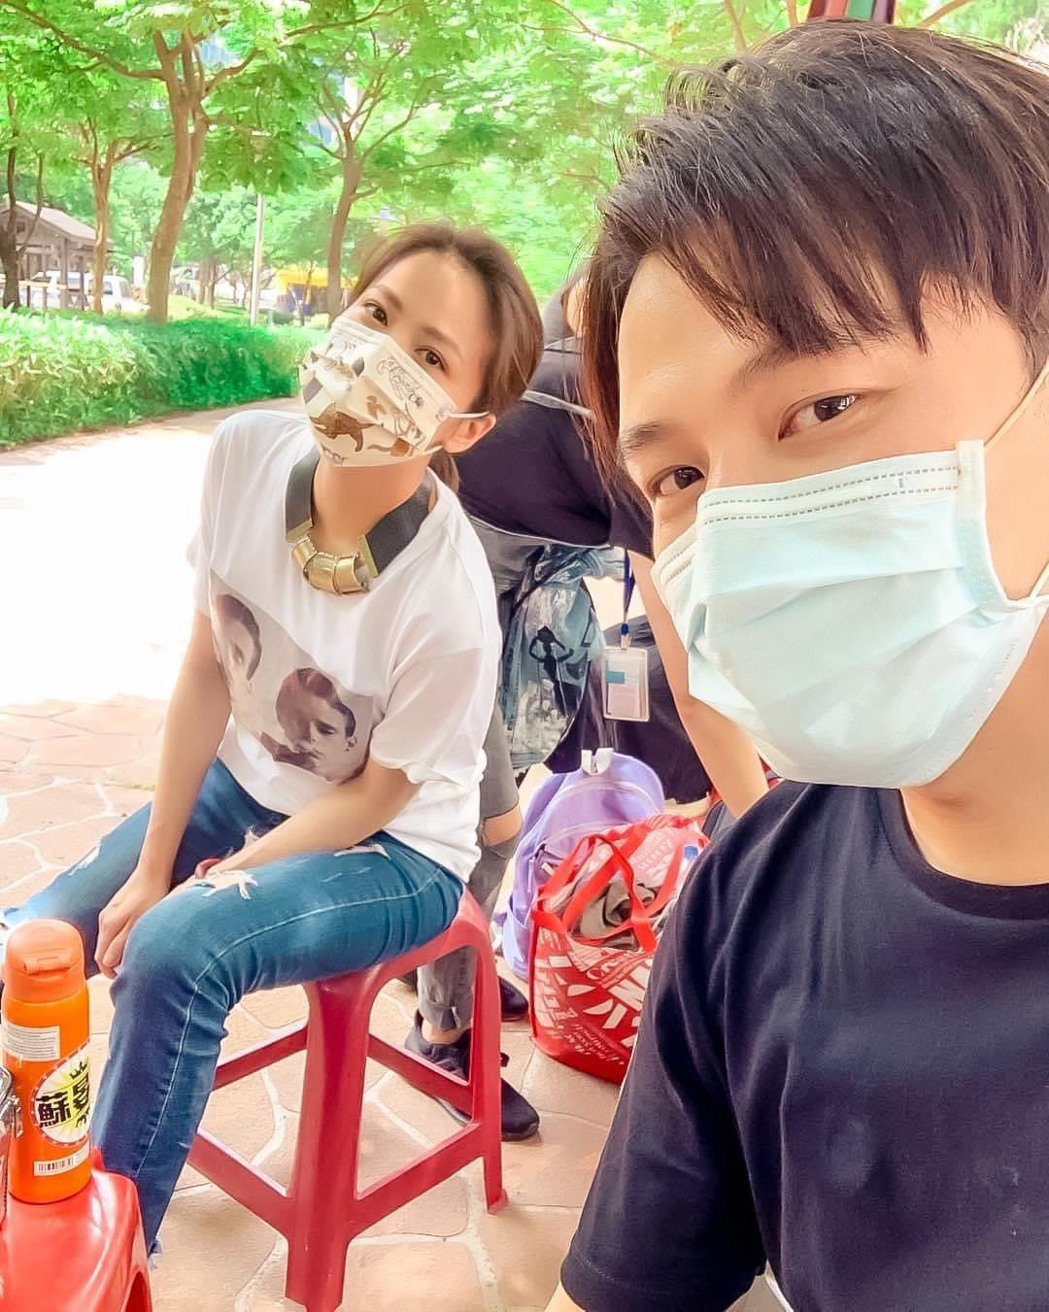 蘇晏霈(左)、黃文星拍攝「多情城市」外景戲依然將口罩戴好。圖/摘自臉書